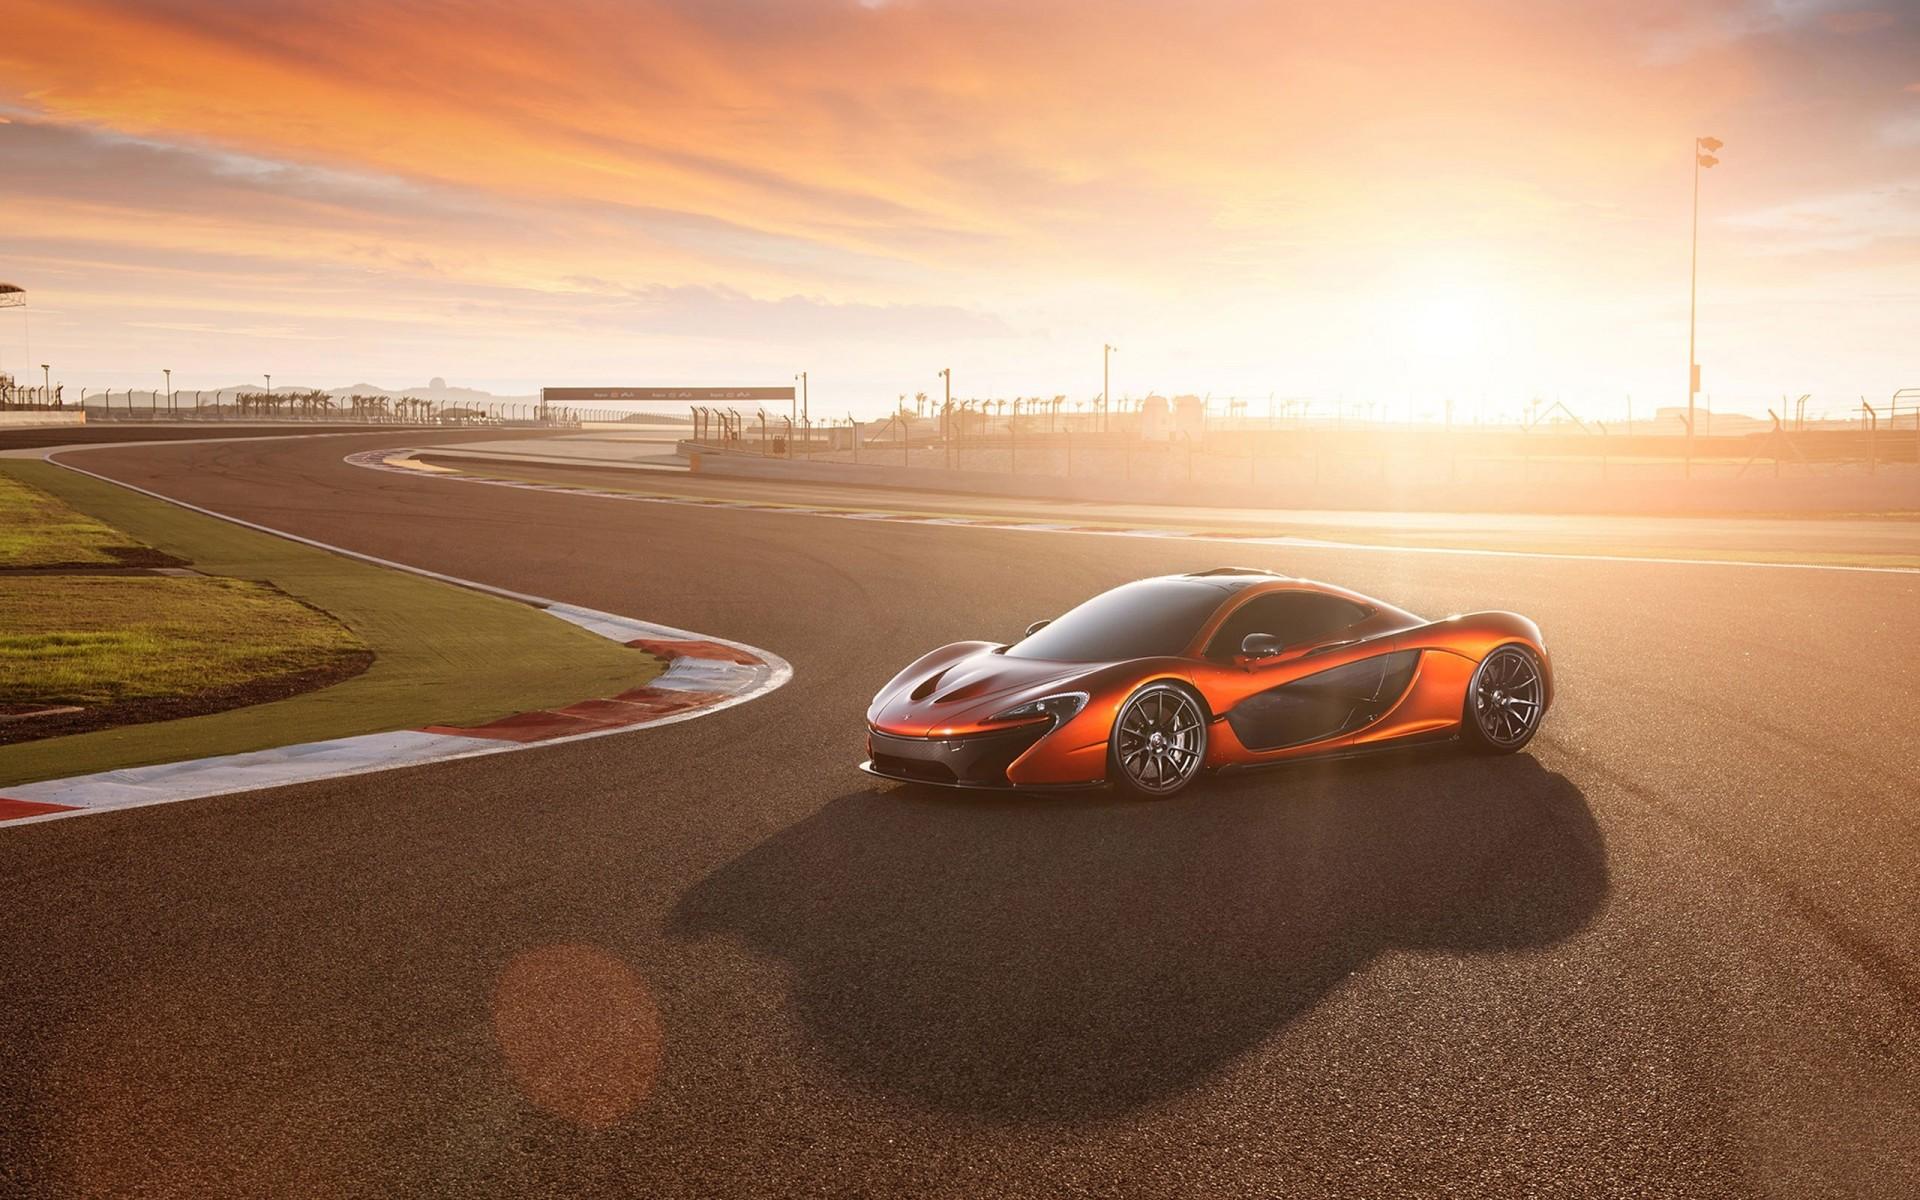 автомобиль белый спортивный McLaren P1 без смс